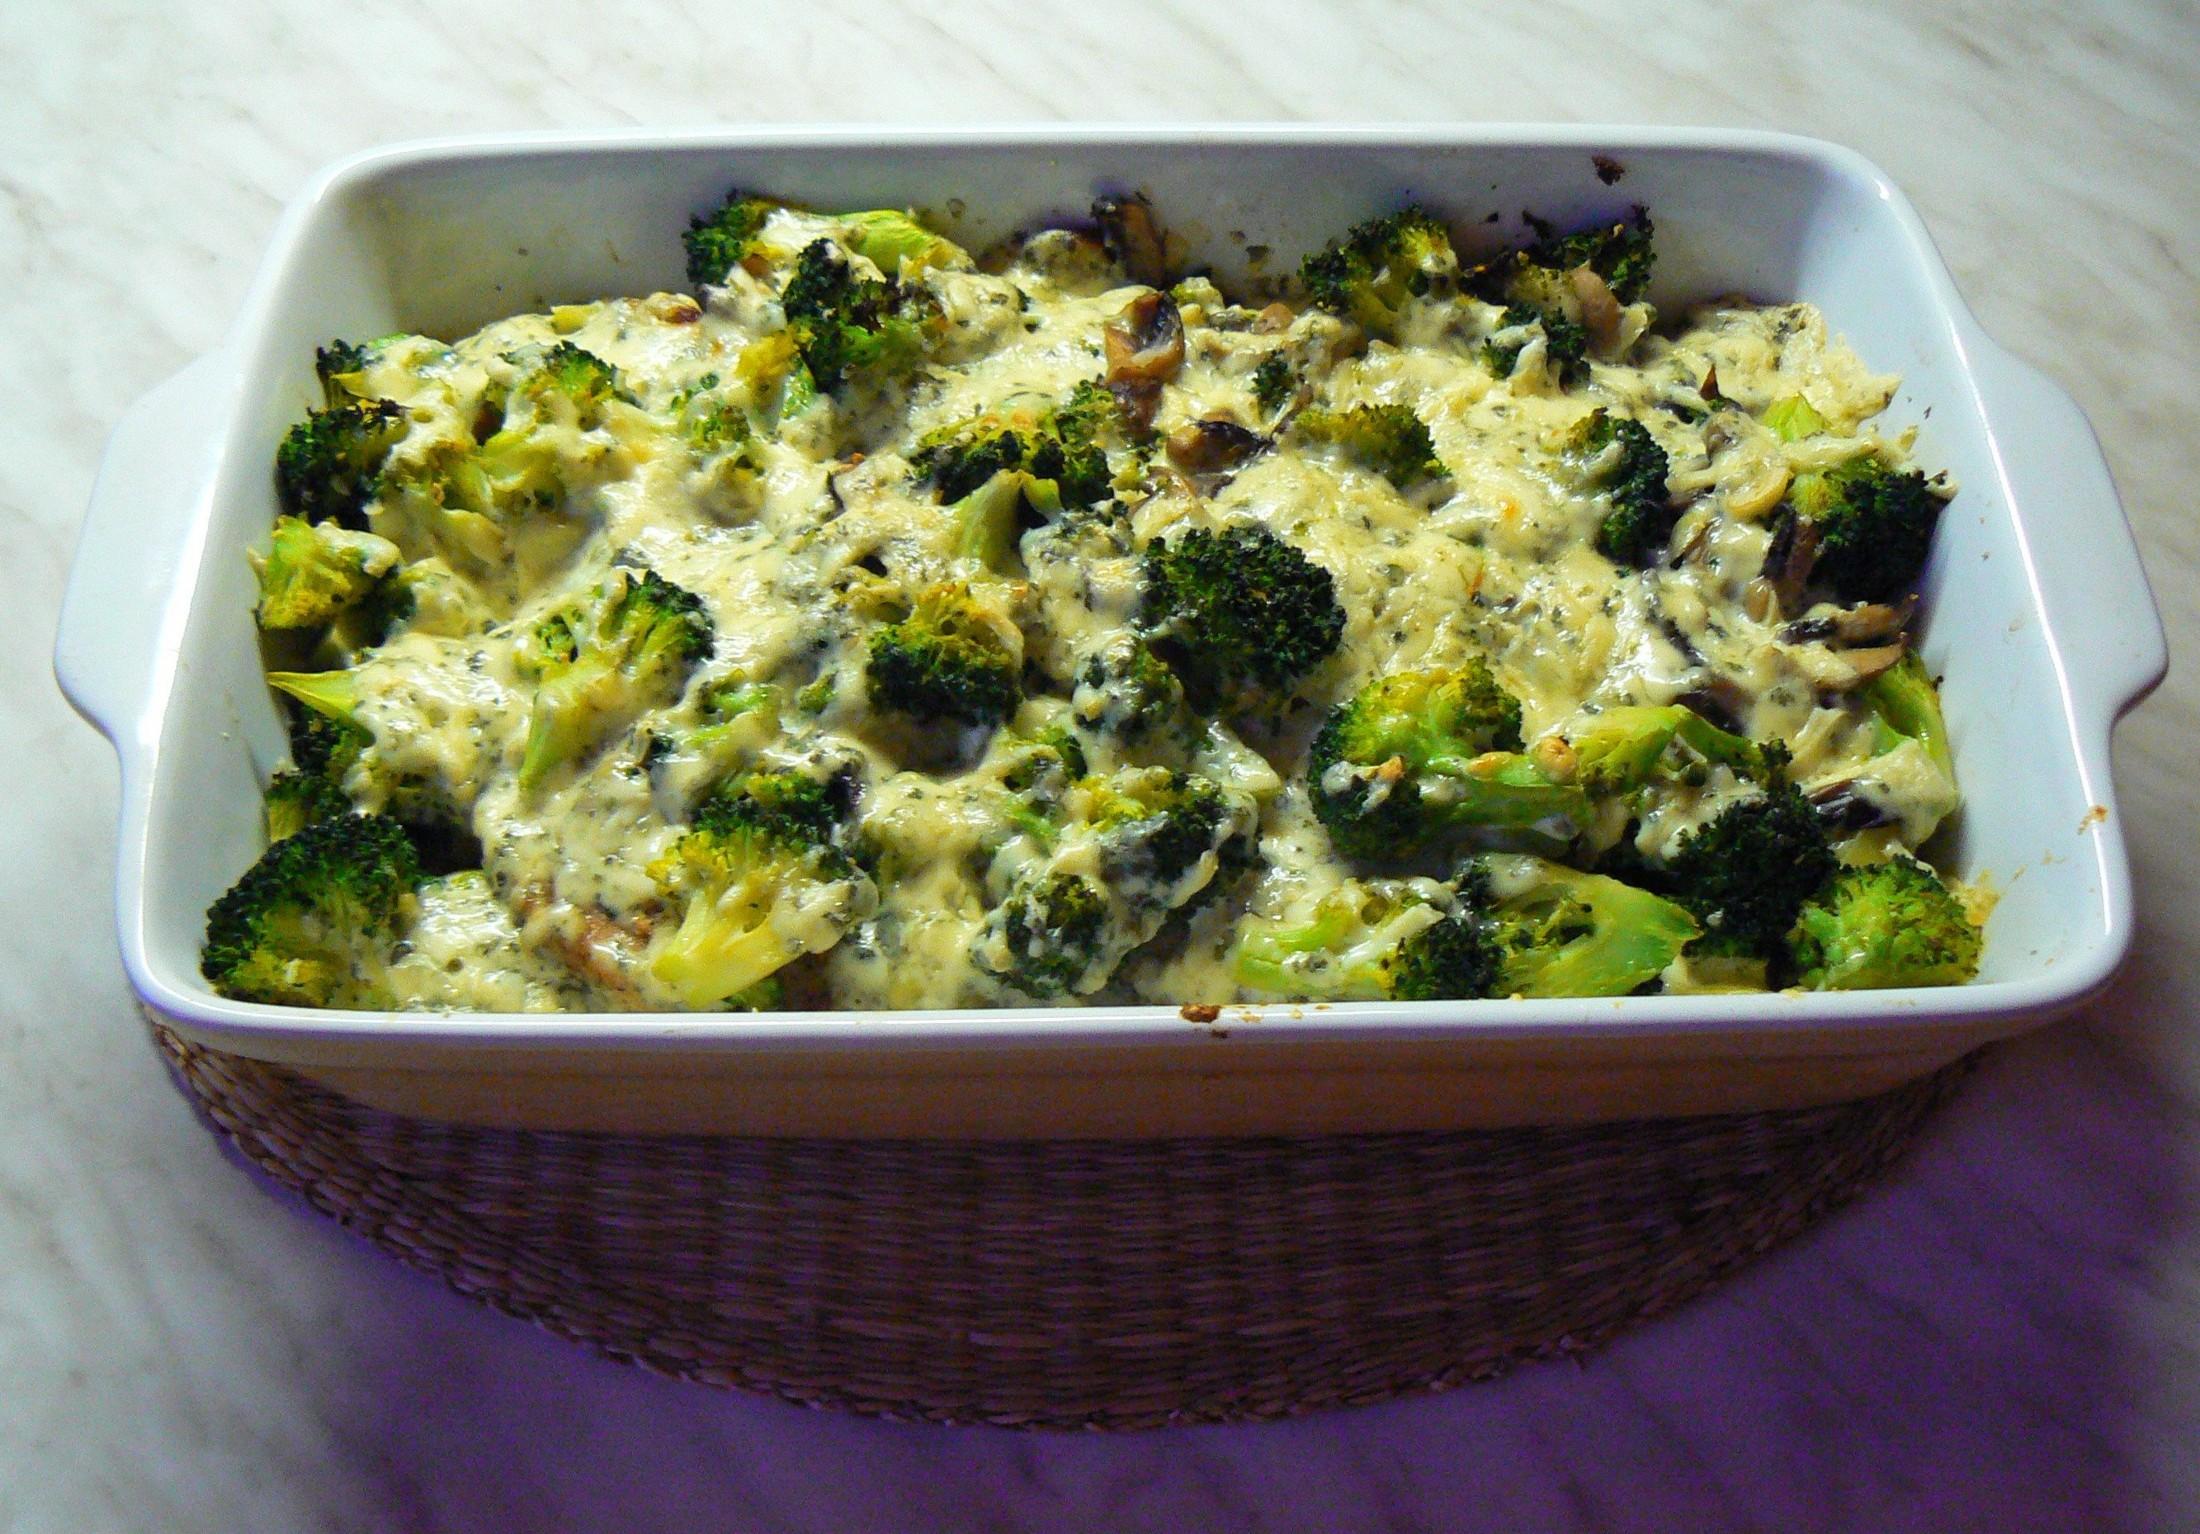 Kotlety zapečené s brokolicí a nivou